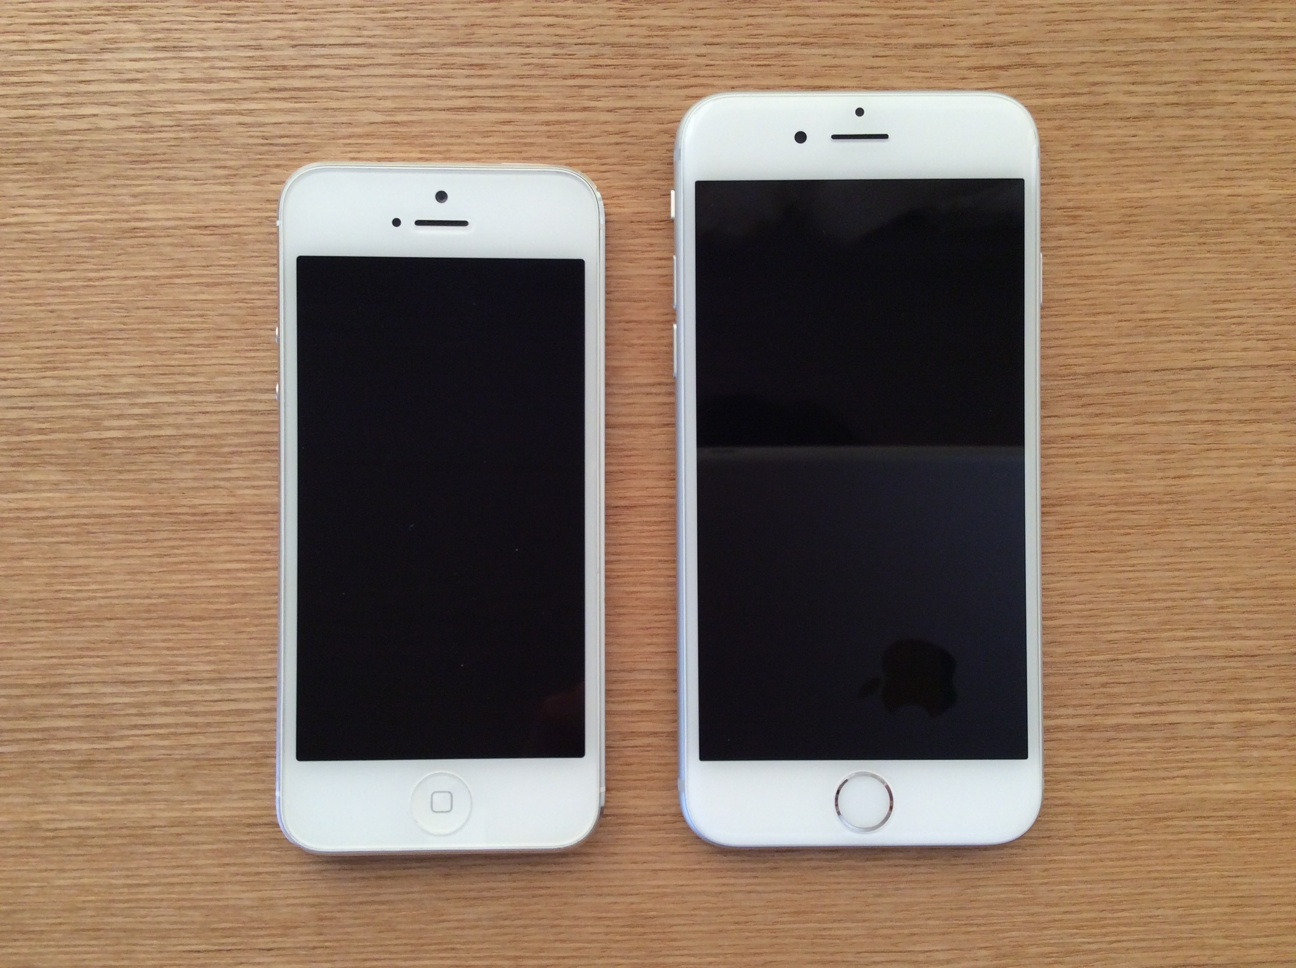 iPhone6のサイズや持ちやすさなどをiPhone5と比較してみた